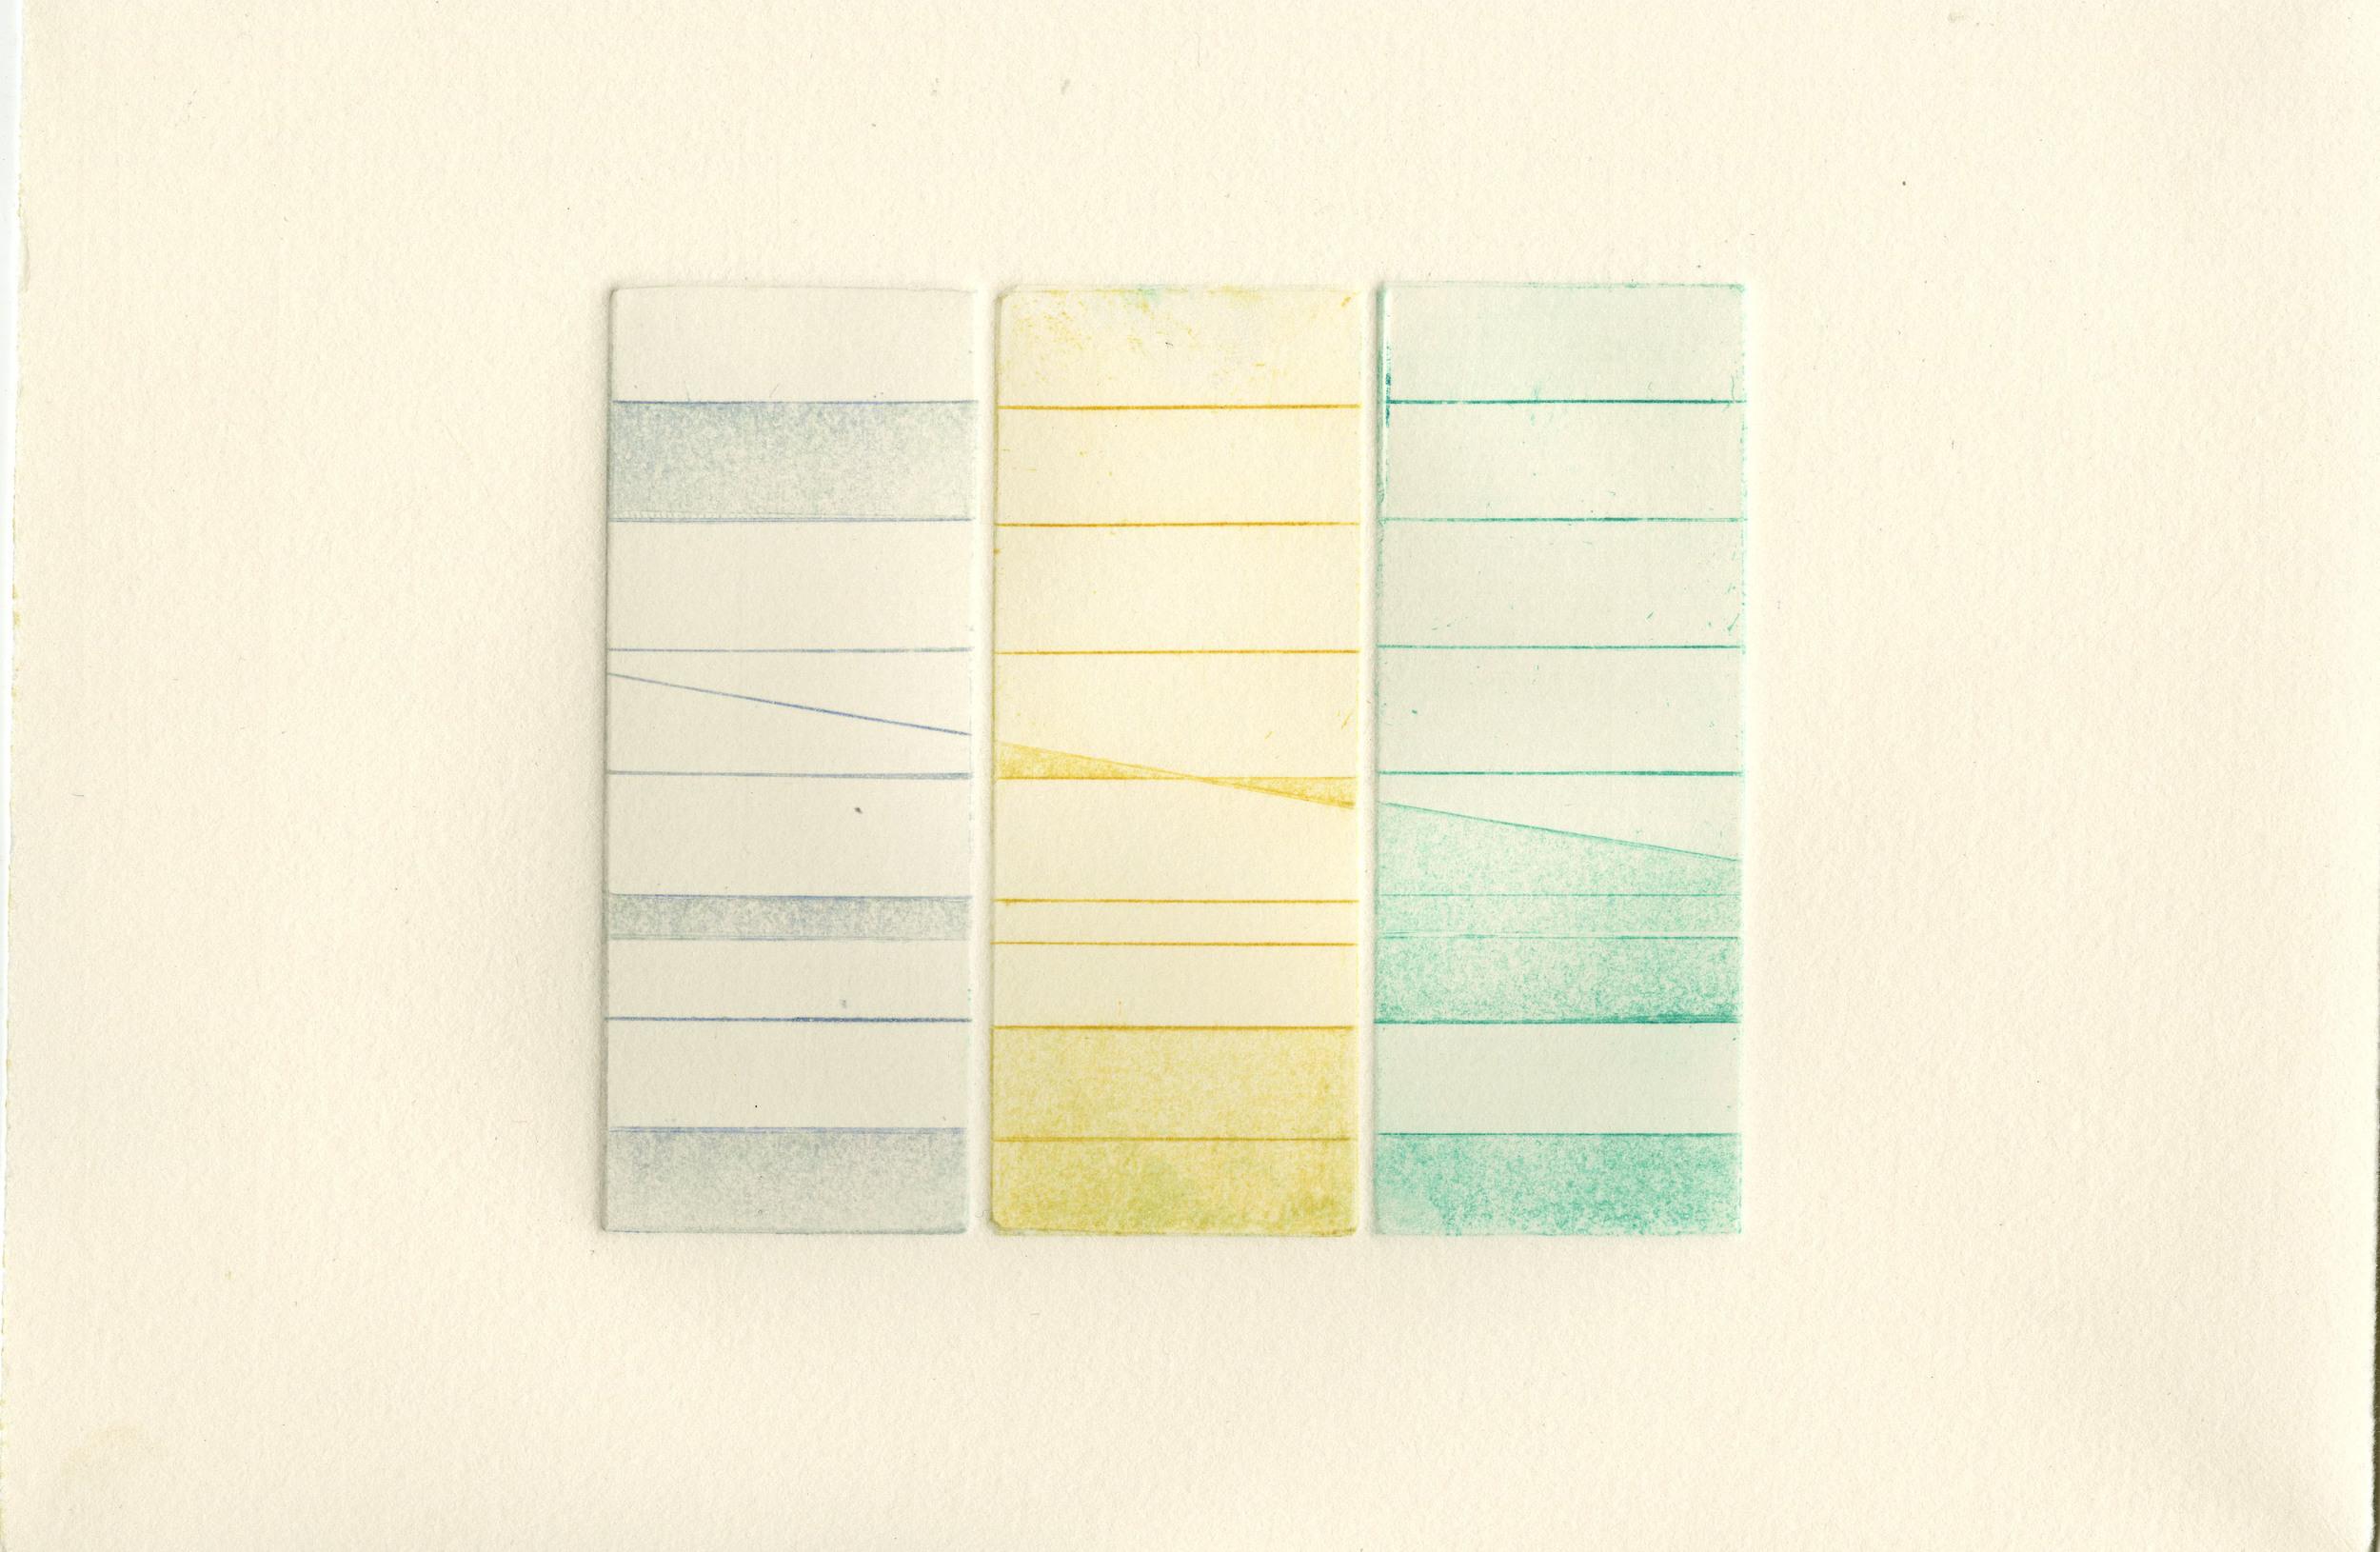 rectangle002.jpg